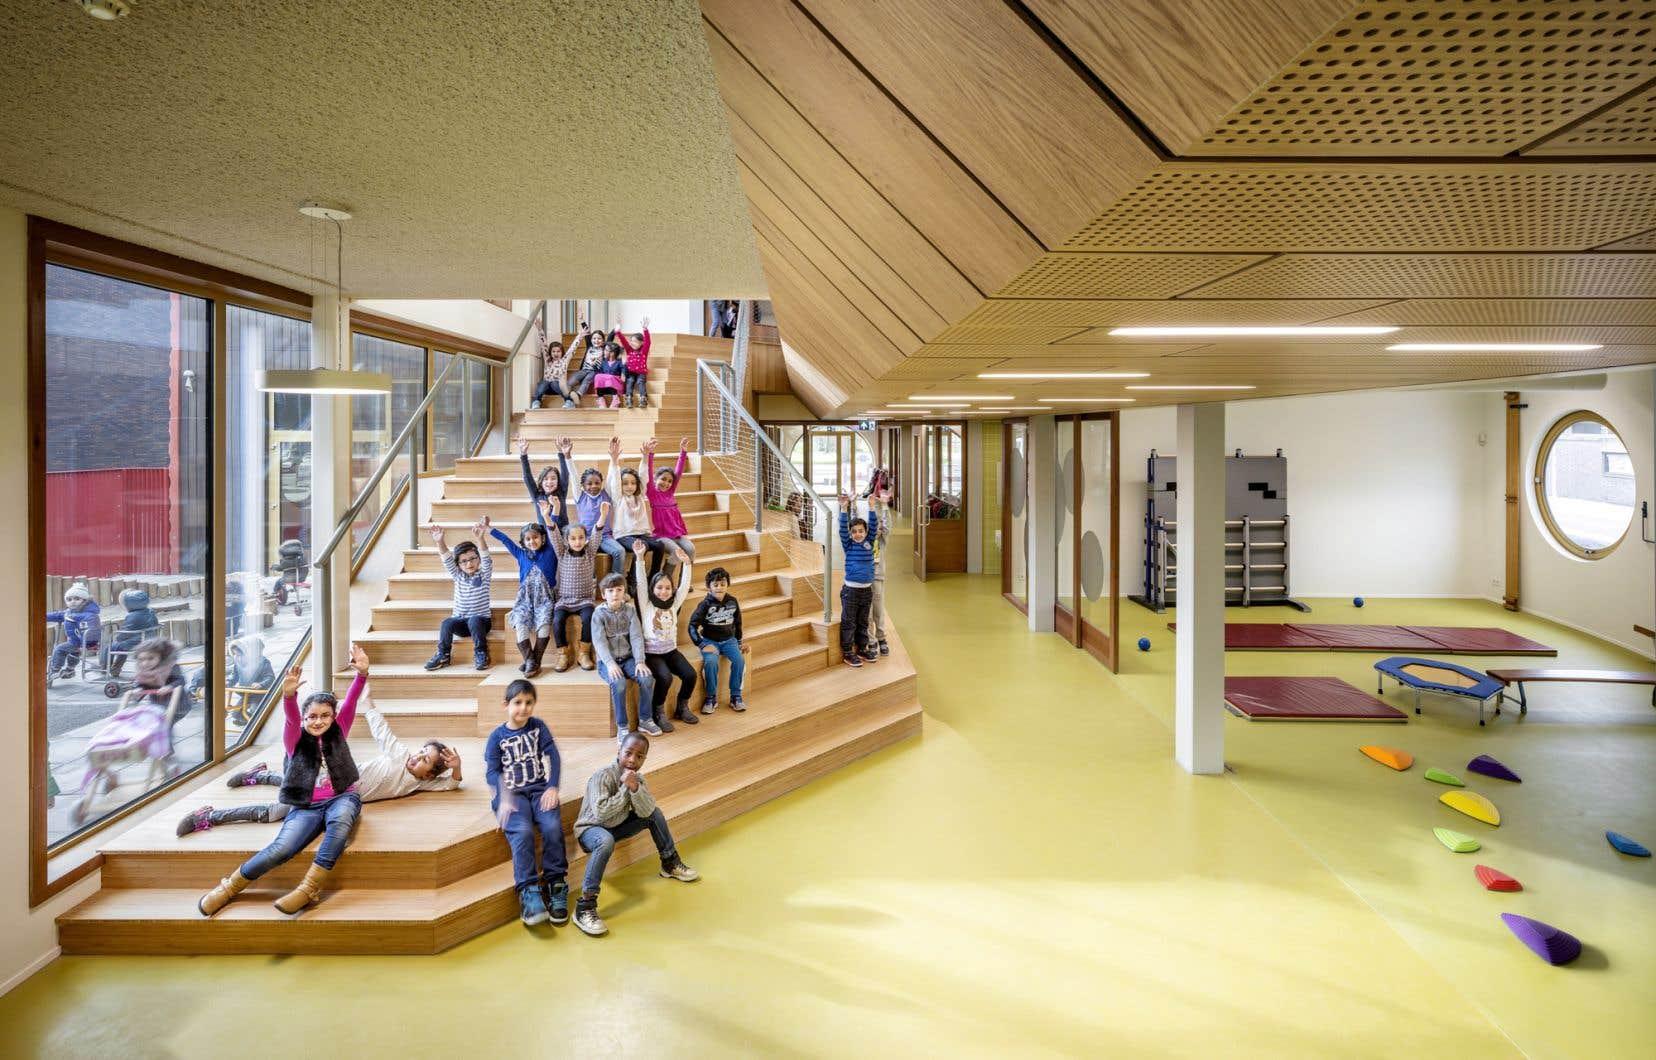 La lumière naturelle ne manque pas dans l'école IKC Zeven Zeeën, à Amsterdam, aux Pays-Bas.